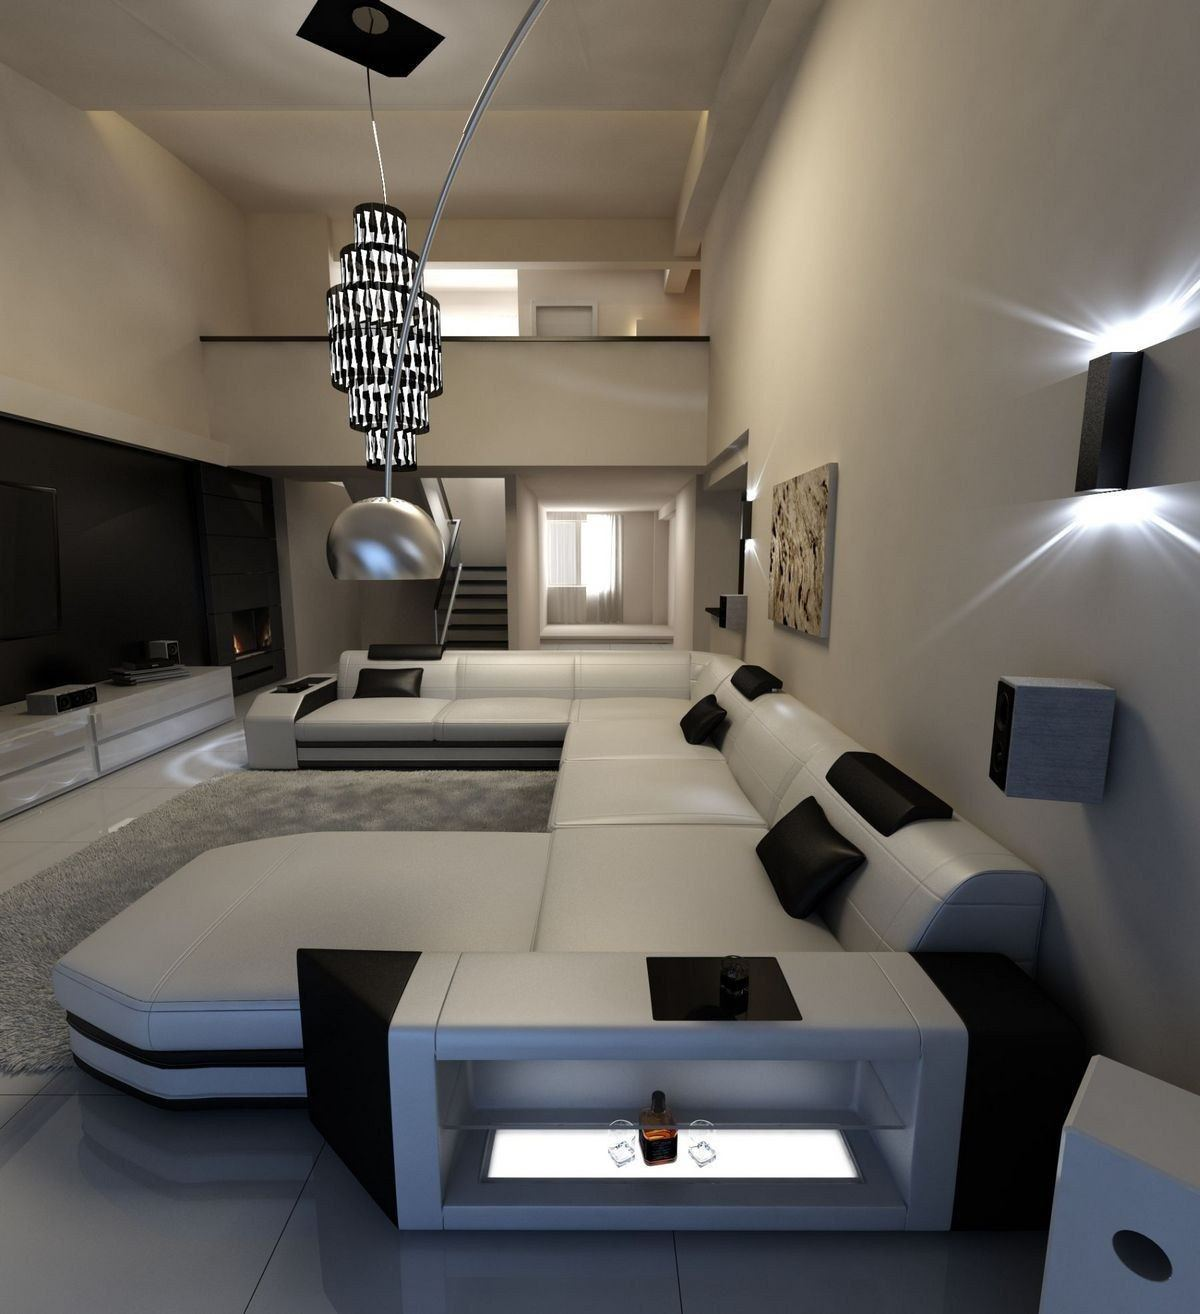 xxl wohnlandschaft prato xxl weiss schwarz. Black Bedroom Furniture Sets. Home Design Ideas